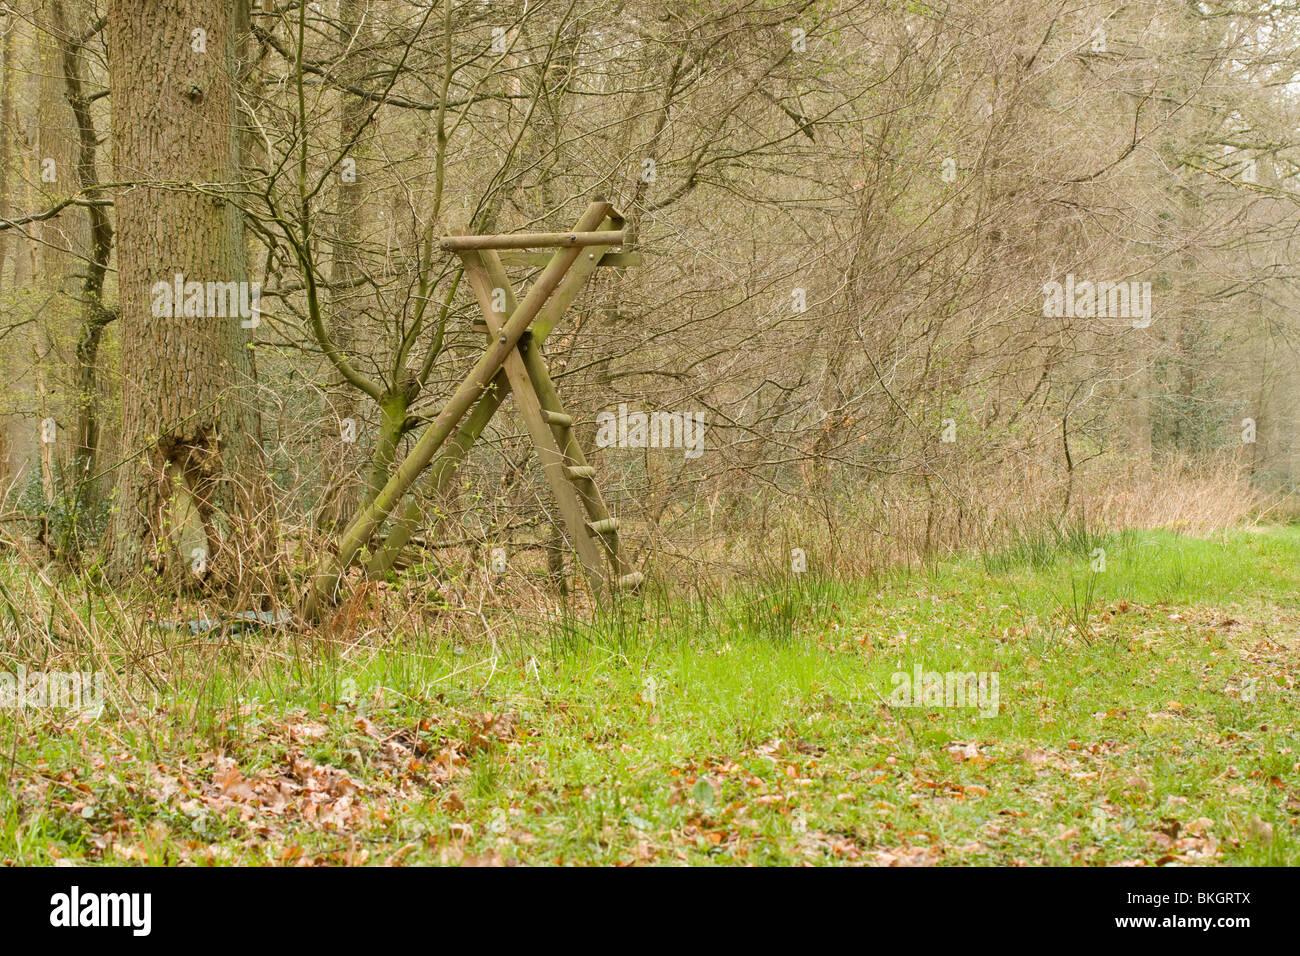 Een hoogzit wordt in Duitsland veel gebruikt voor observatie en jacht. Elevated position for hunting and observing - Stock Image